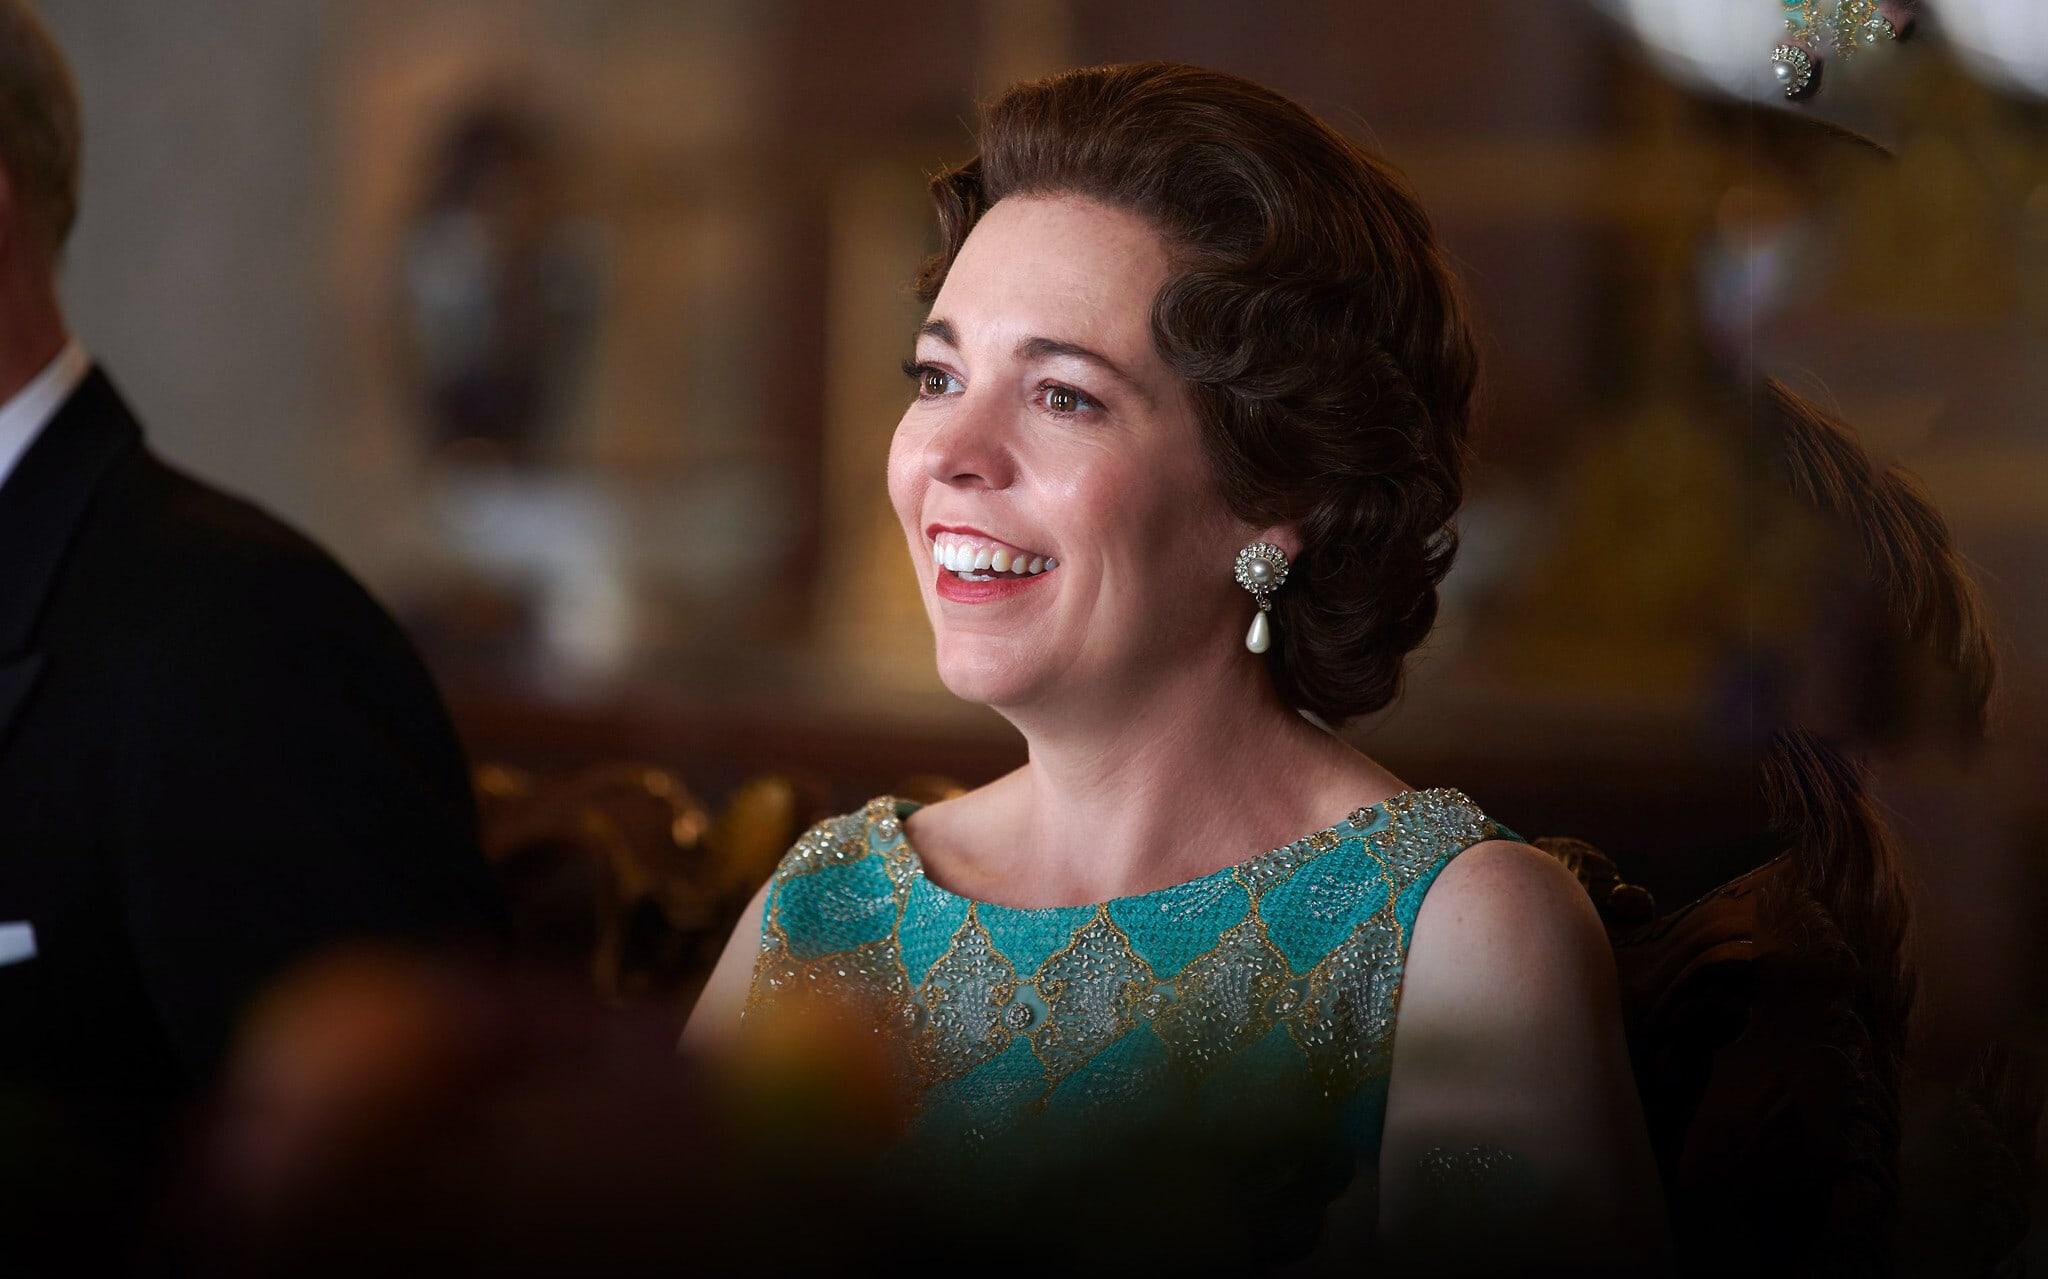 """אוליביה קולמן בתפקיד המלכה אליזבת השנייה בעונה הרביעית של """"הכתר"""" (צילום: Des Willie/Netflix)"""